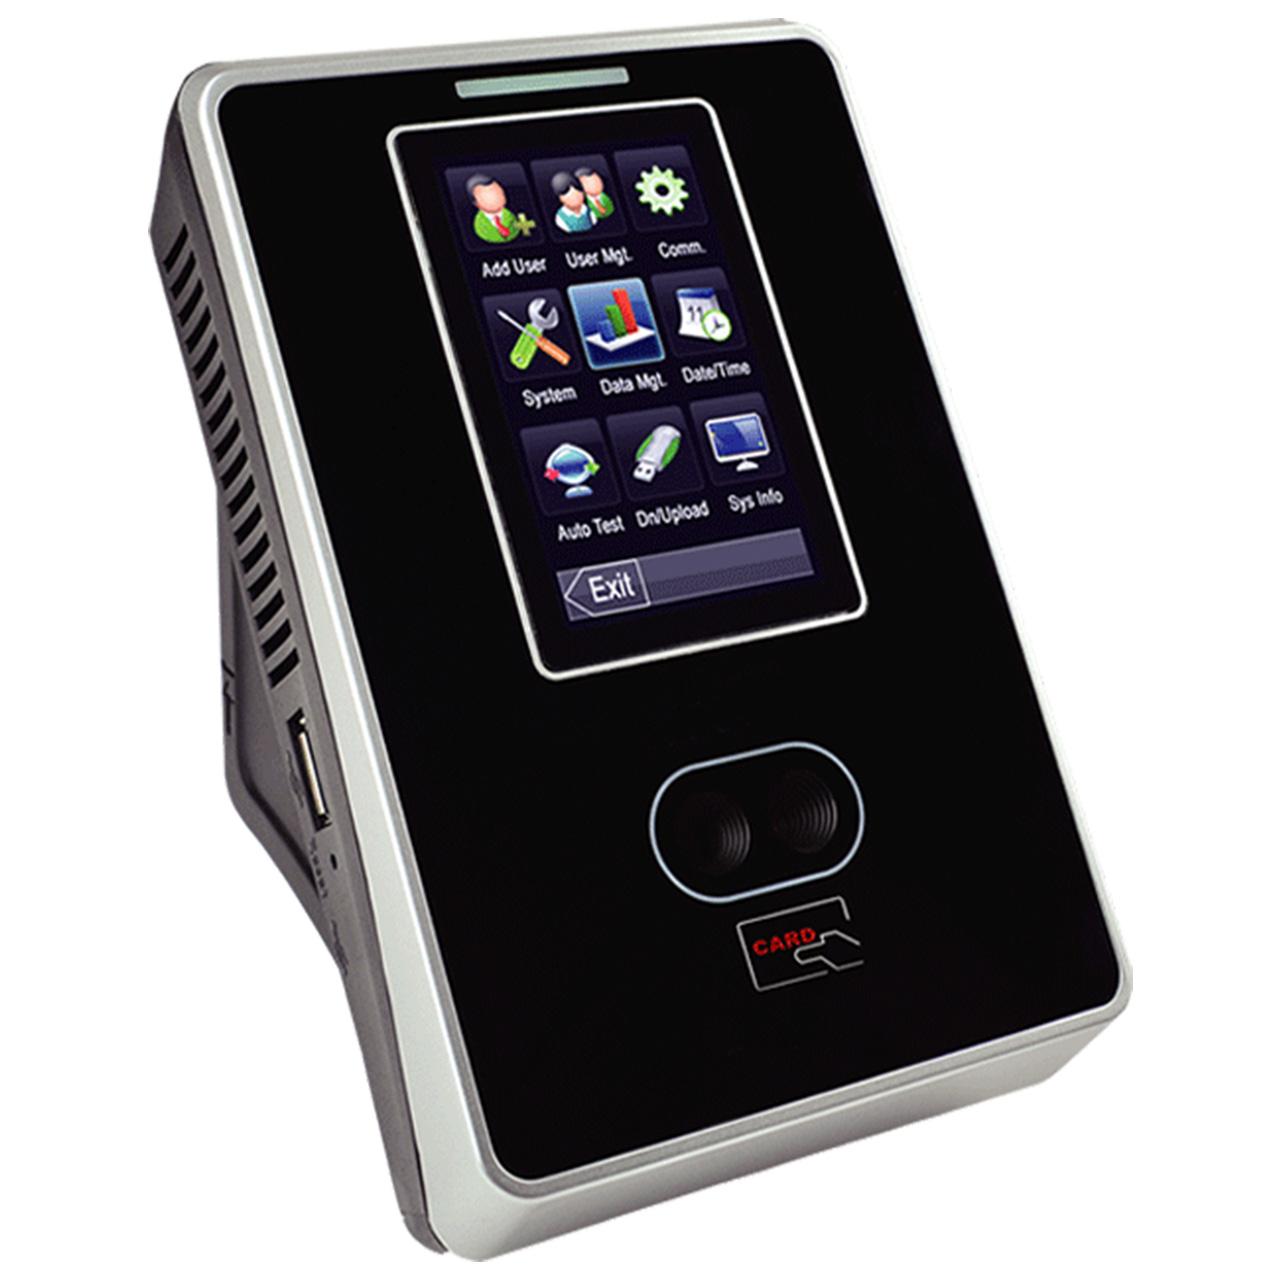 """""""دستگاه حضور غیاب زد کی تی اکو مدل VF300 همراه با 5 عدد کارت ترددو نصب رایگان"""""""